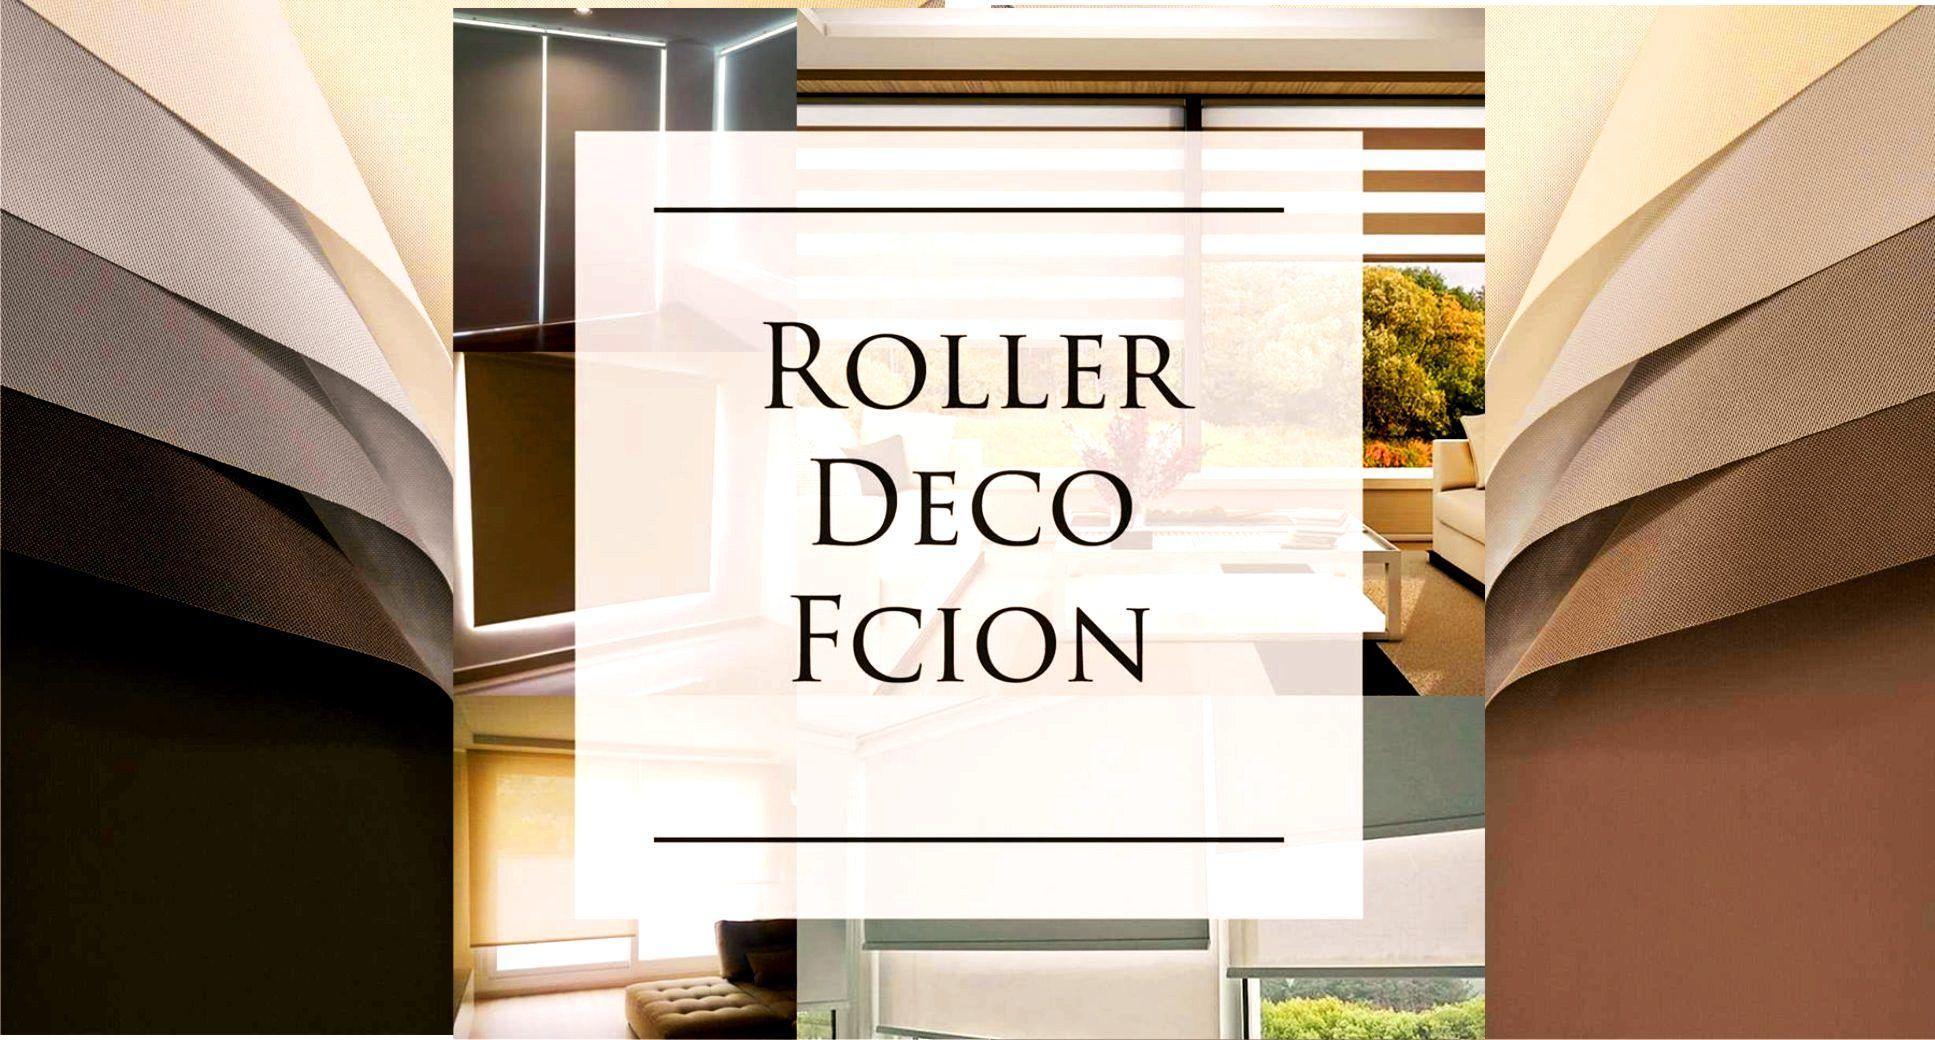 Roller Deco